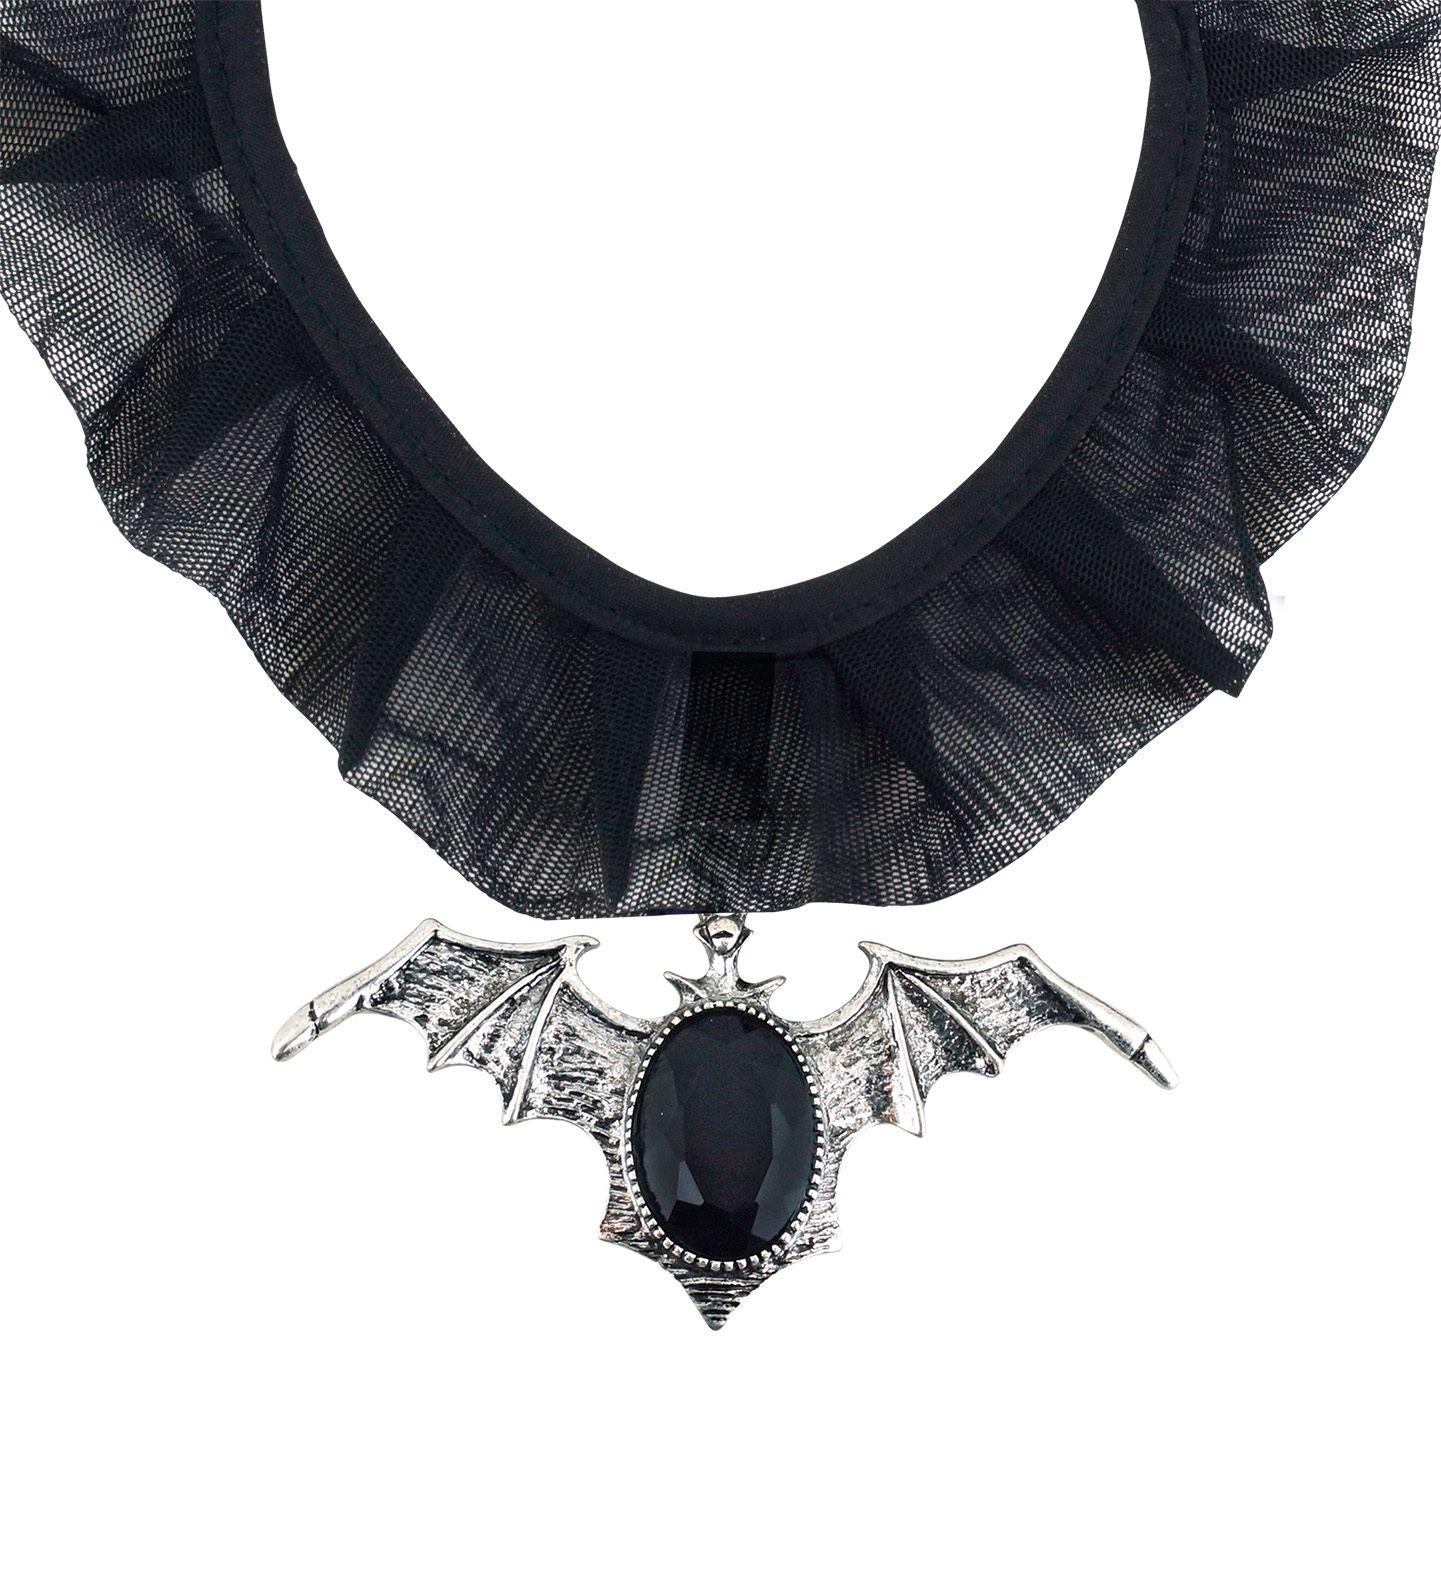 Zwarte gothic choker met vleermuis